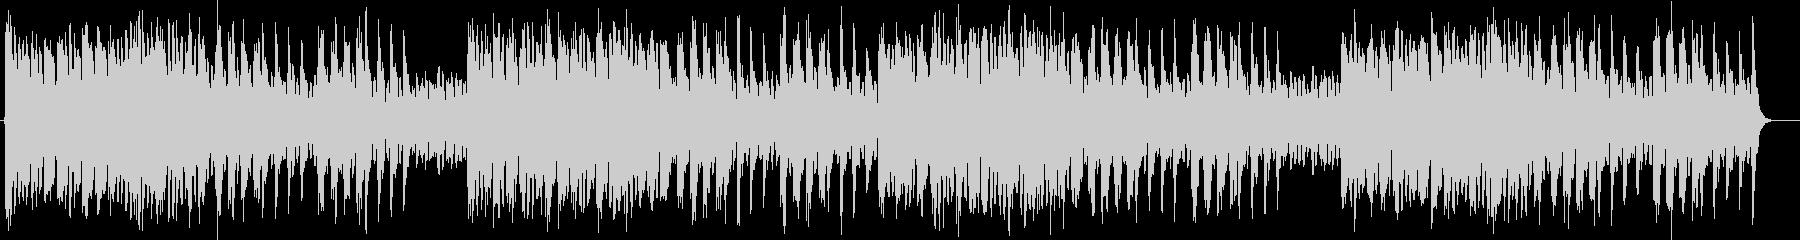 キラキラ感のあるシンセサイザーサウンドの未再生の波形